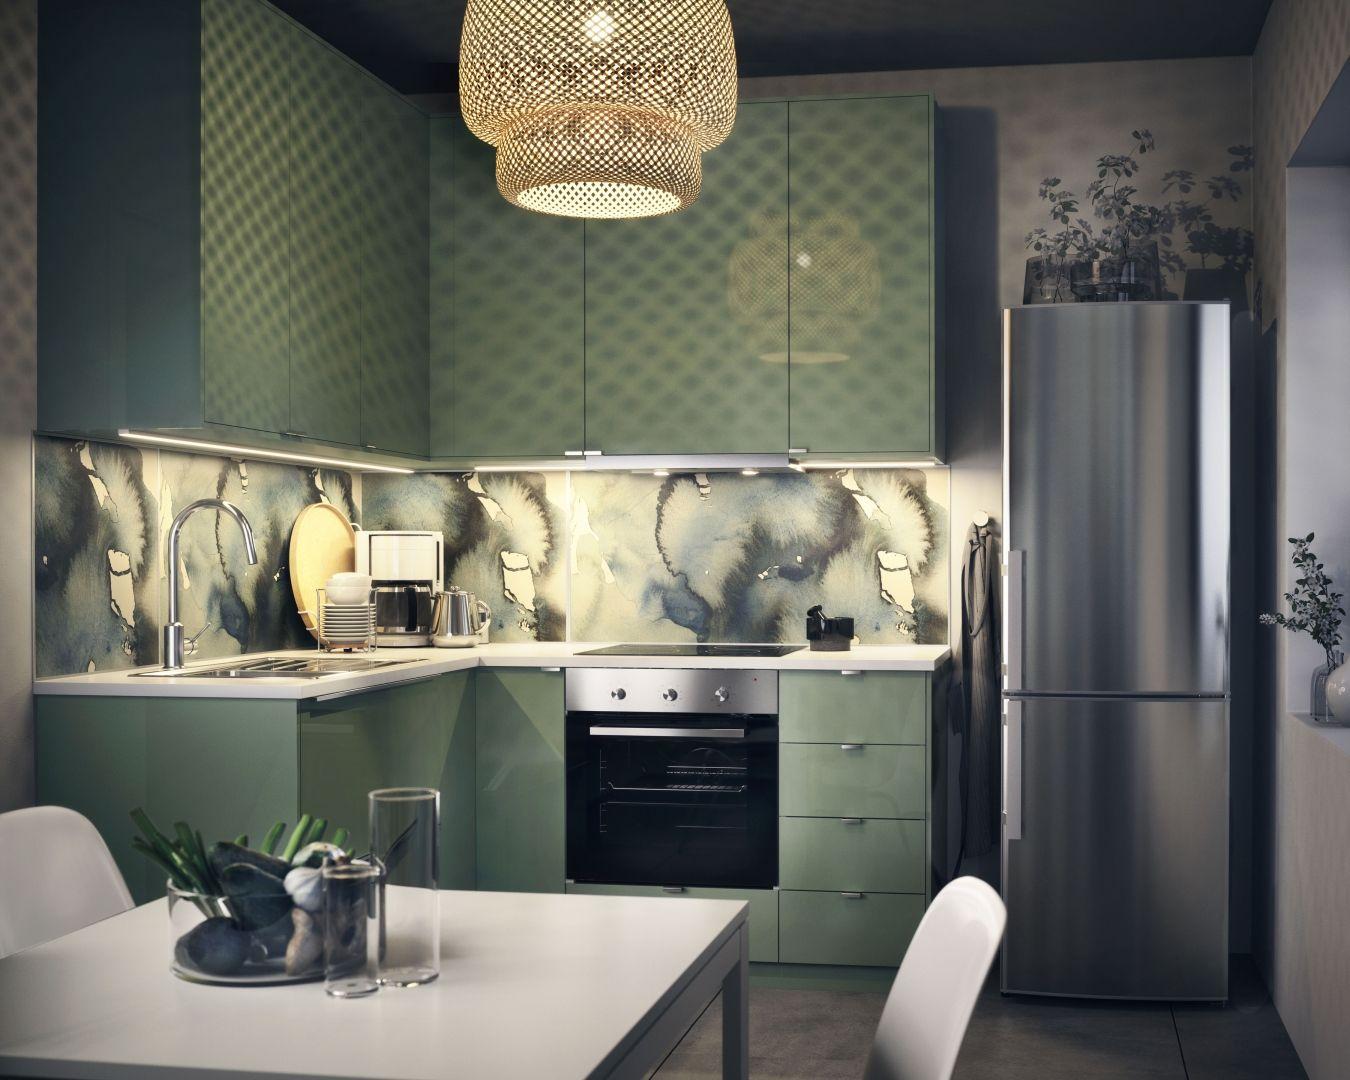 Ikea Küche Kallarp Grün